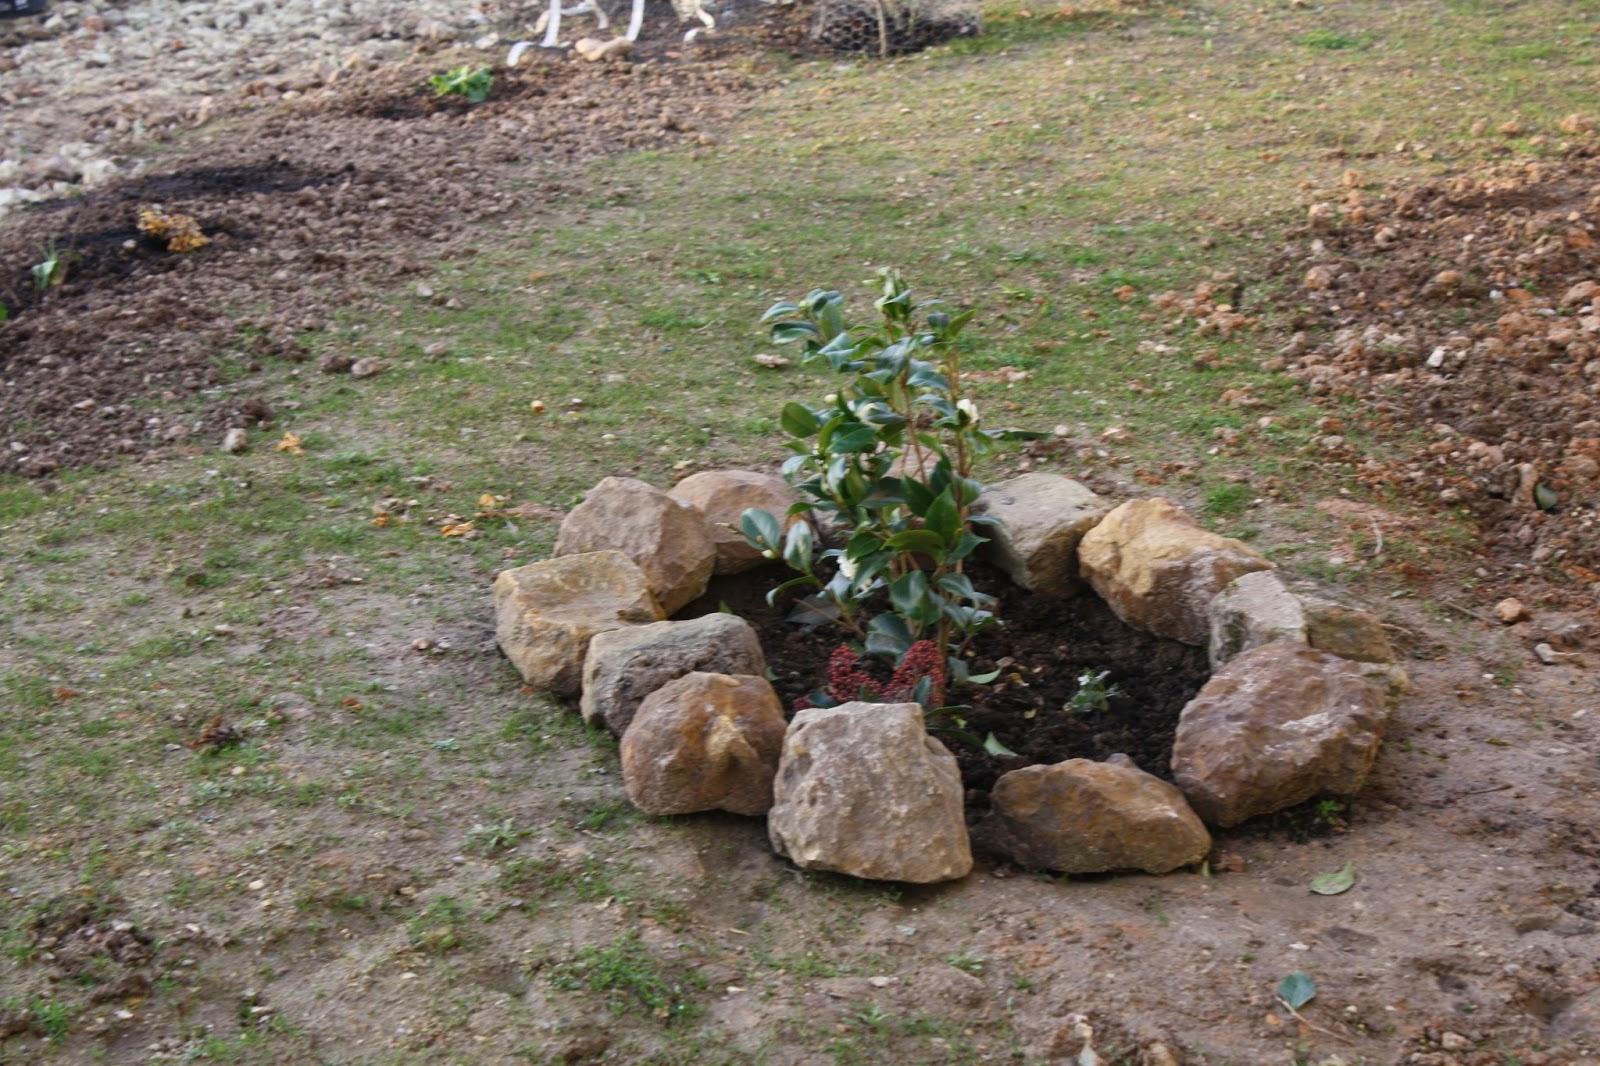 Le jardin traversiere les floraisons d 39 hiver for Jardin hiver plantation